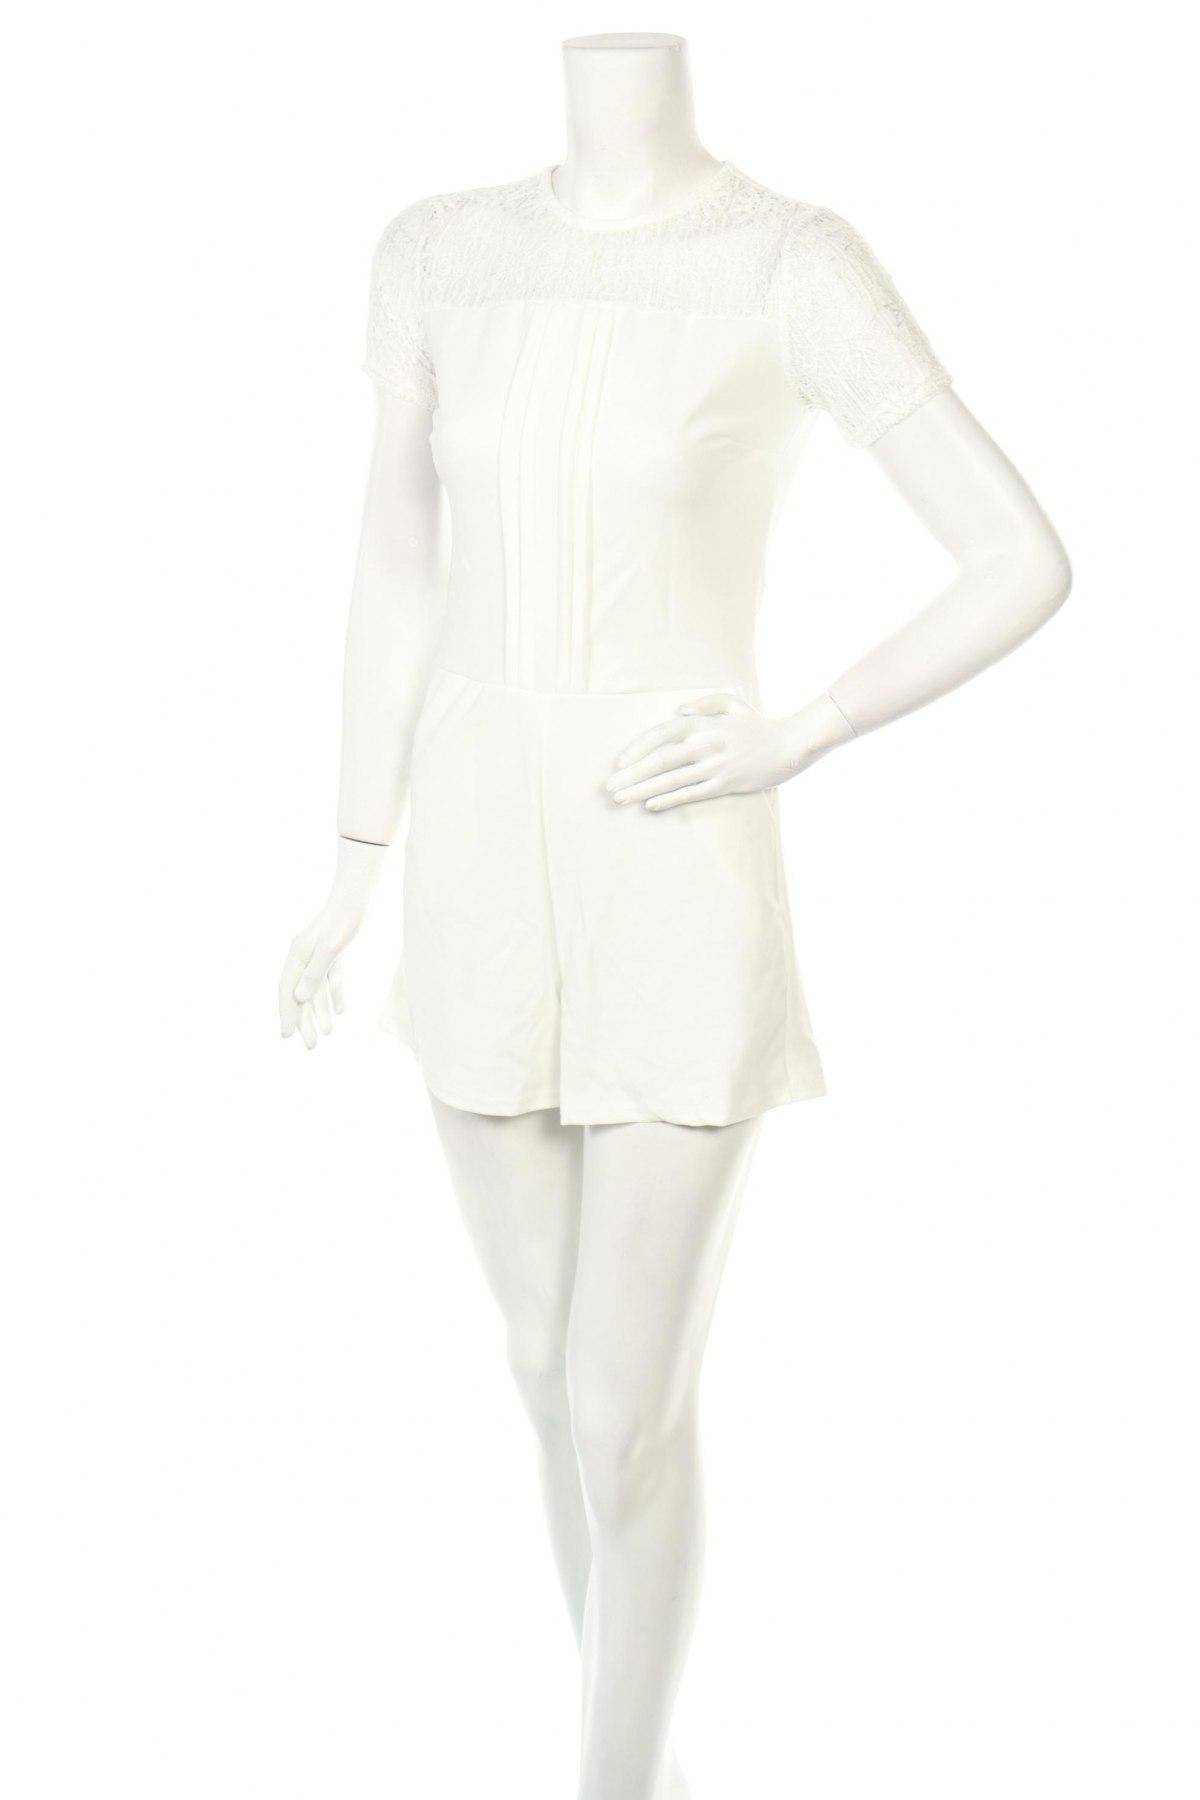 Γυναικεία σαλοπέτα Made In Italy, Μέγεθος S, Χρώμα Λευκό, 95% πολυεστέρας, 5% ελαστάνη, Τιμή 14,74€